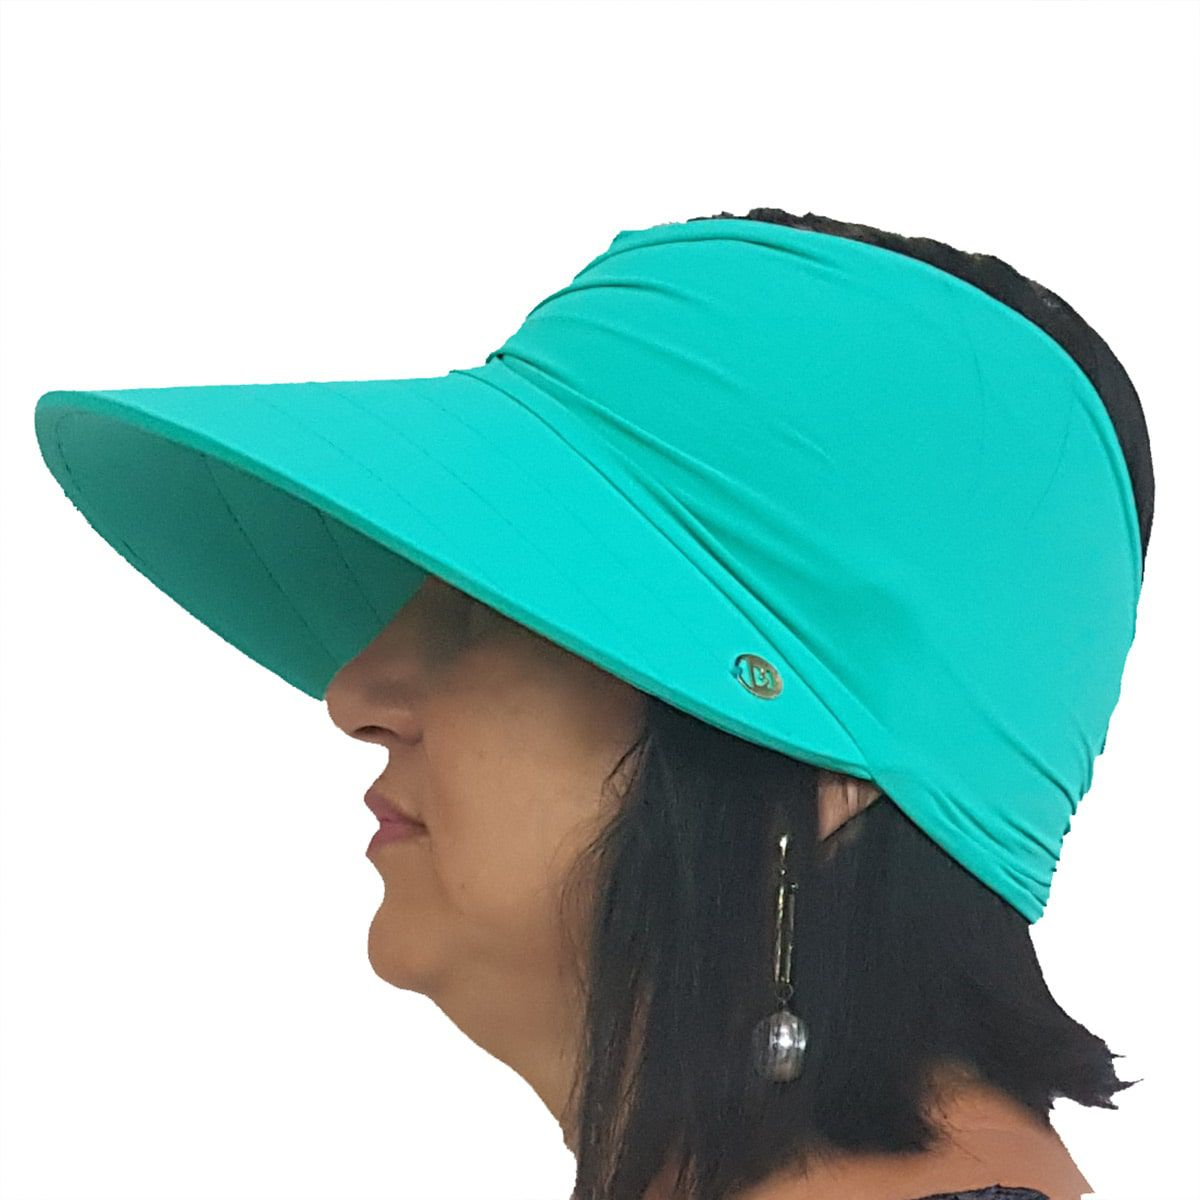 Viseira Turbante com Proteção UV 50+ Verde Nanai